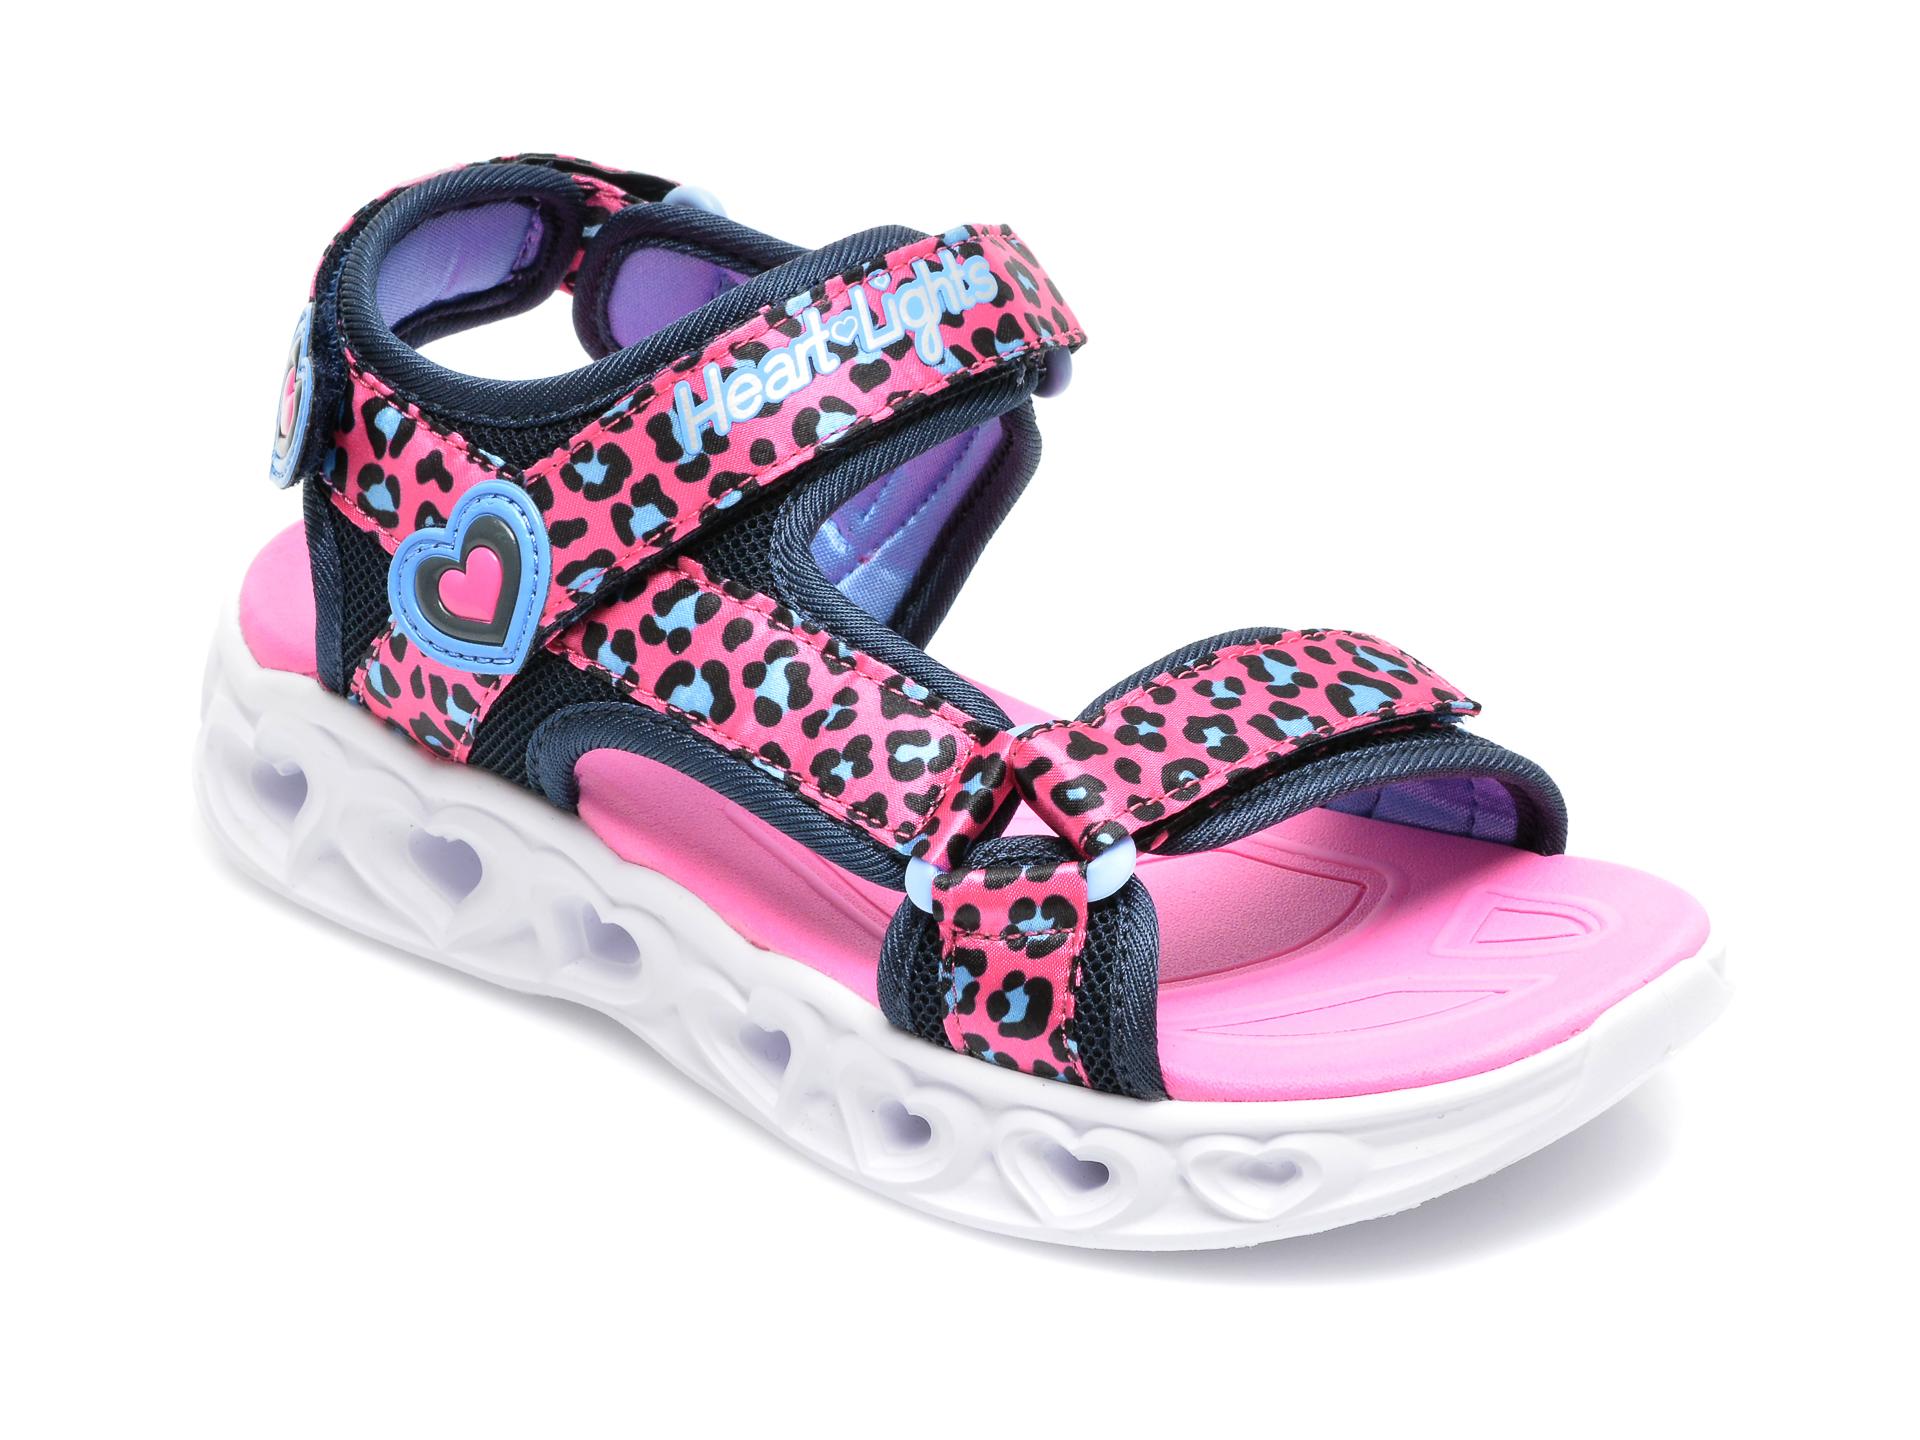 Sandale SKECHERS roz, 302090L, din material textil